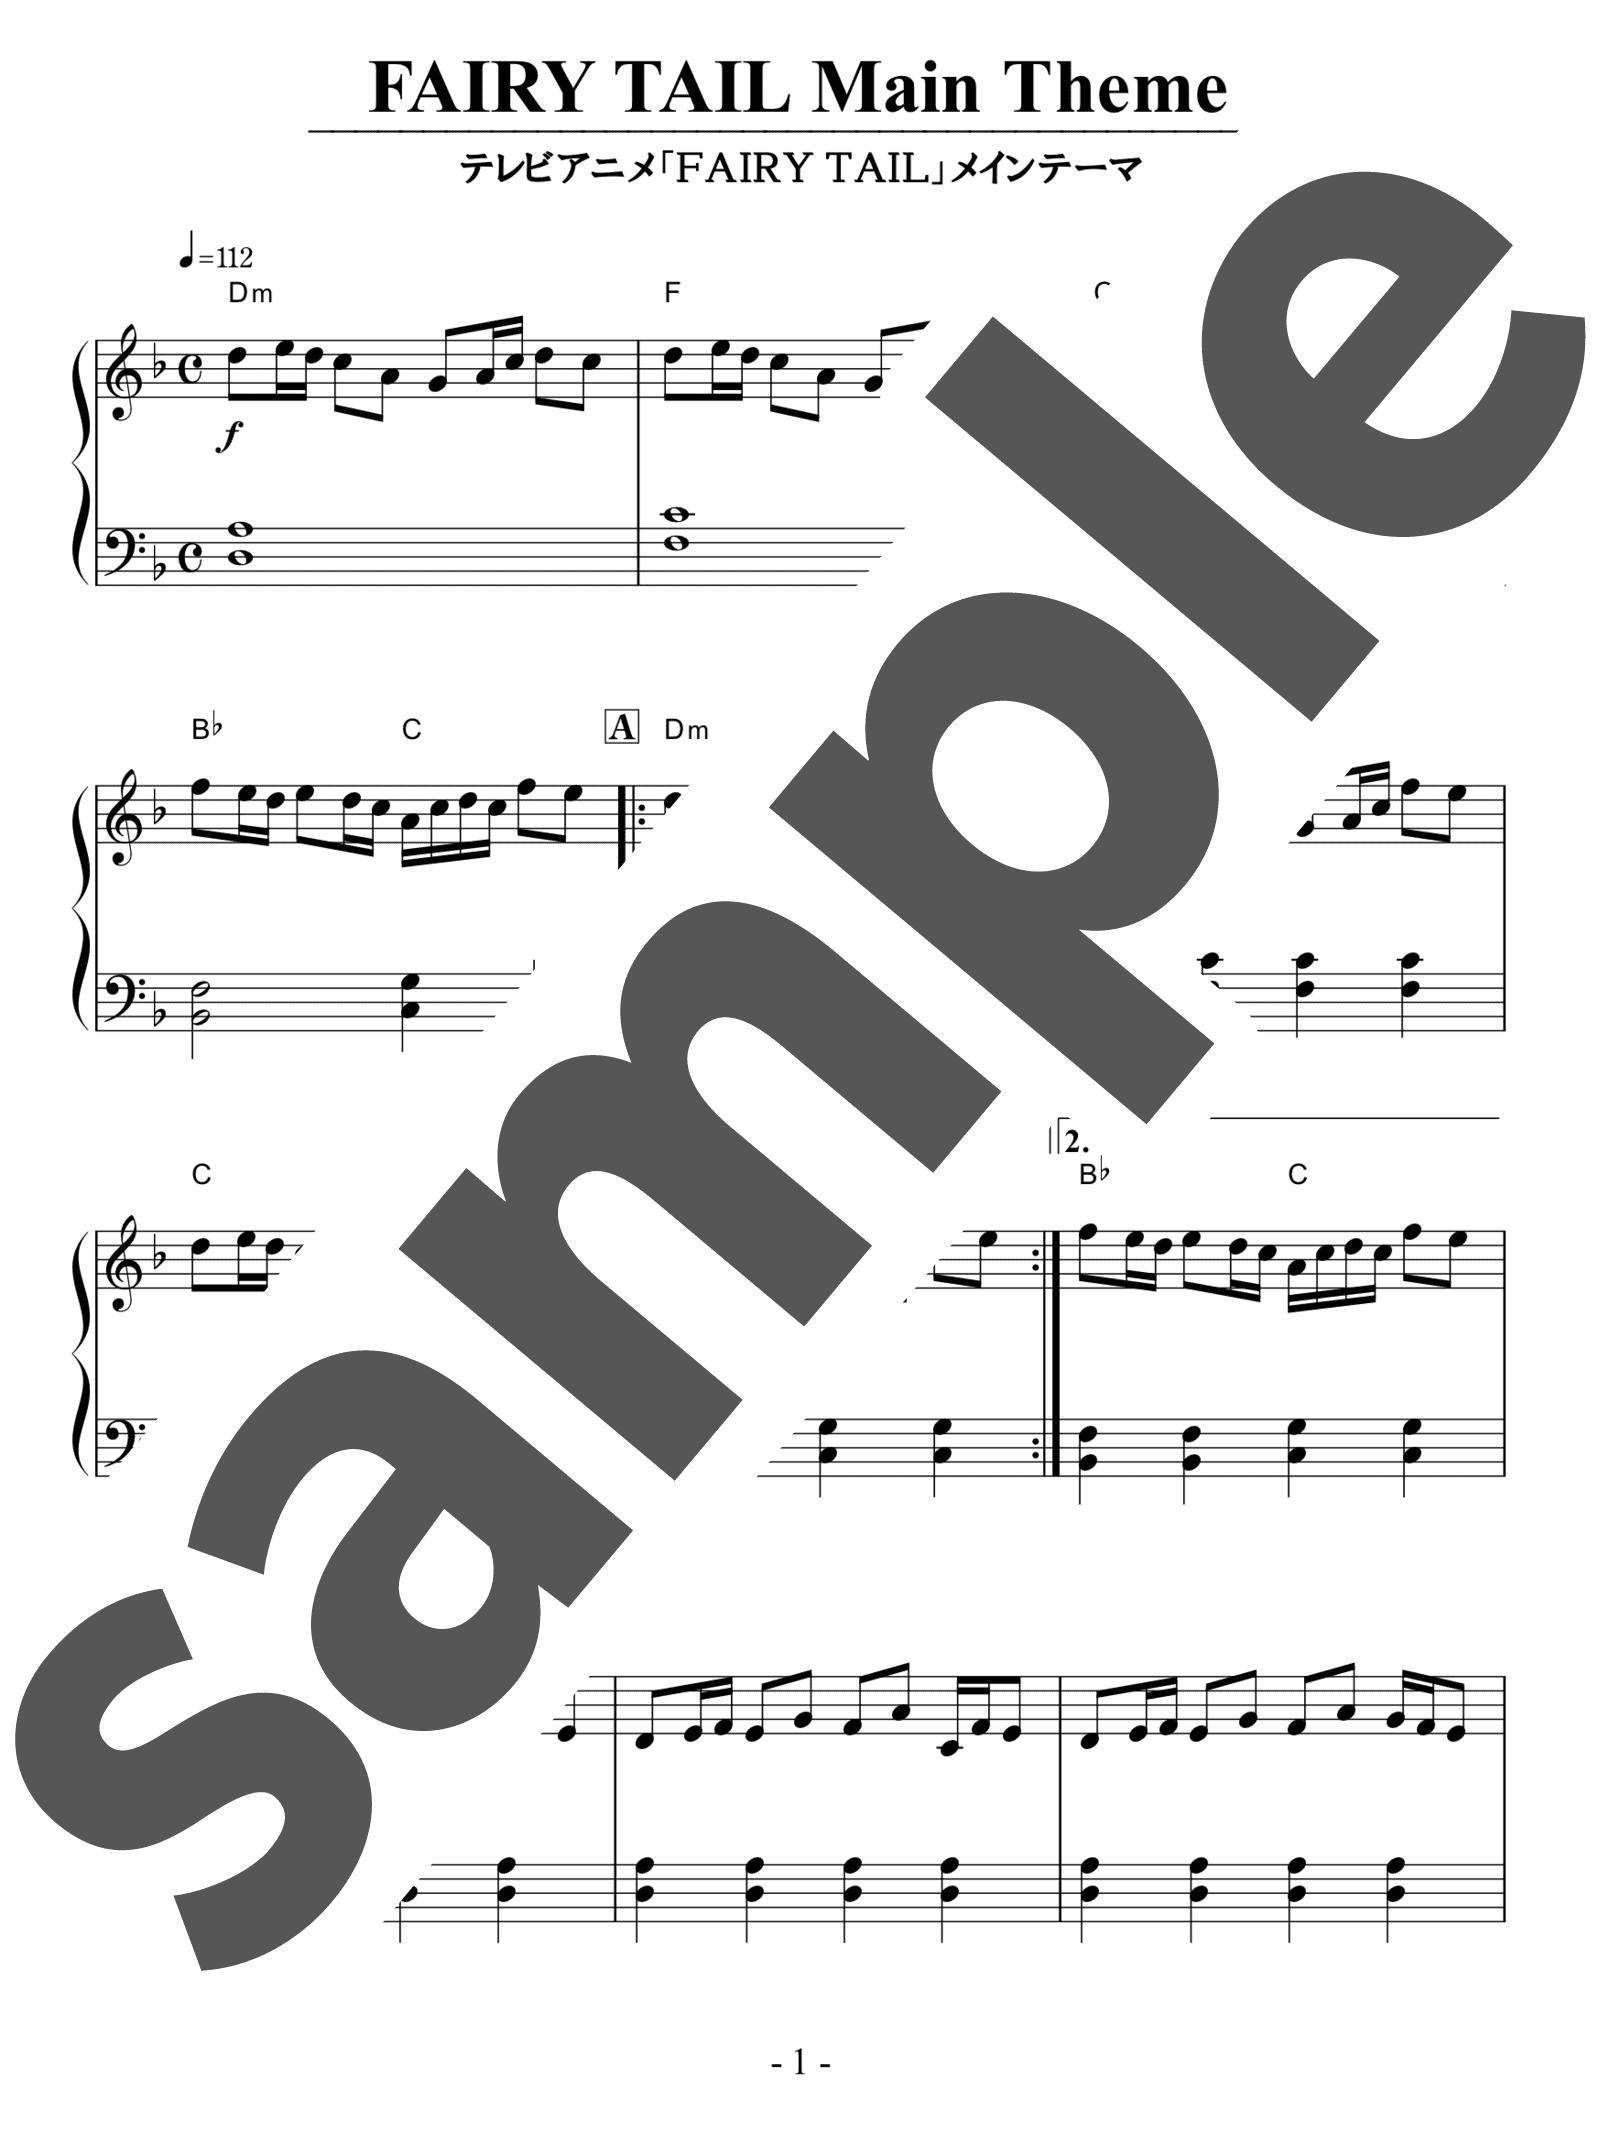 「フェアリーテイル メインテーマ」のサンプル楽譜